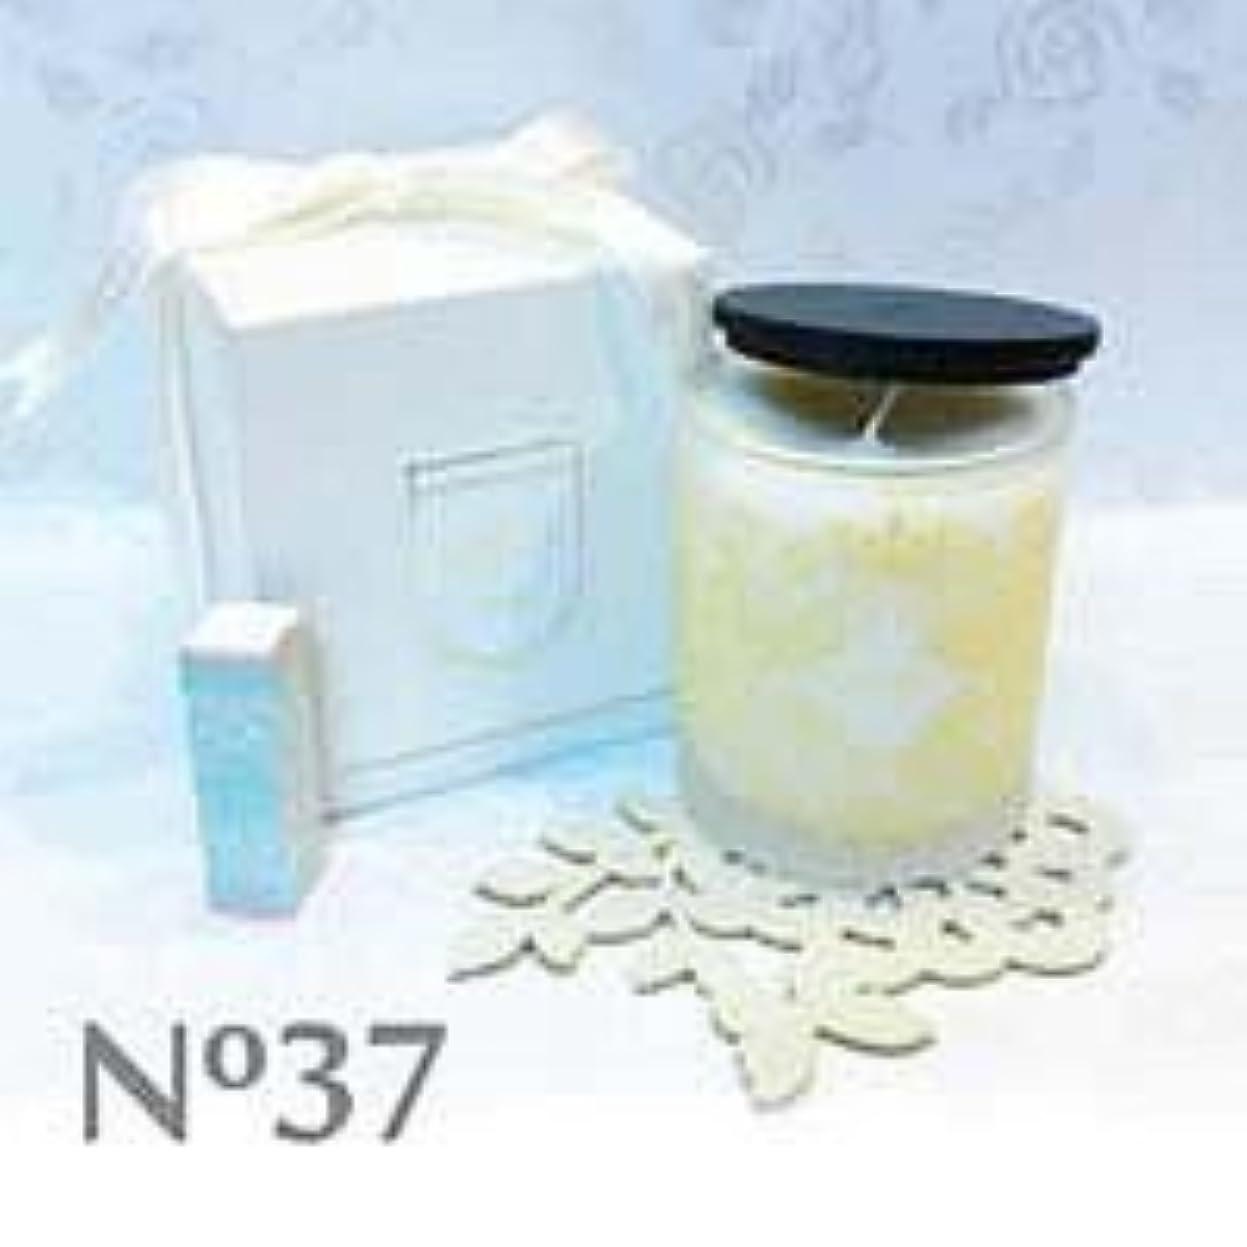 熟読する急速な害虫アロマキャンドル parfum No.37